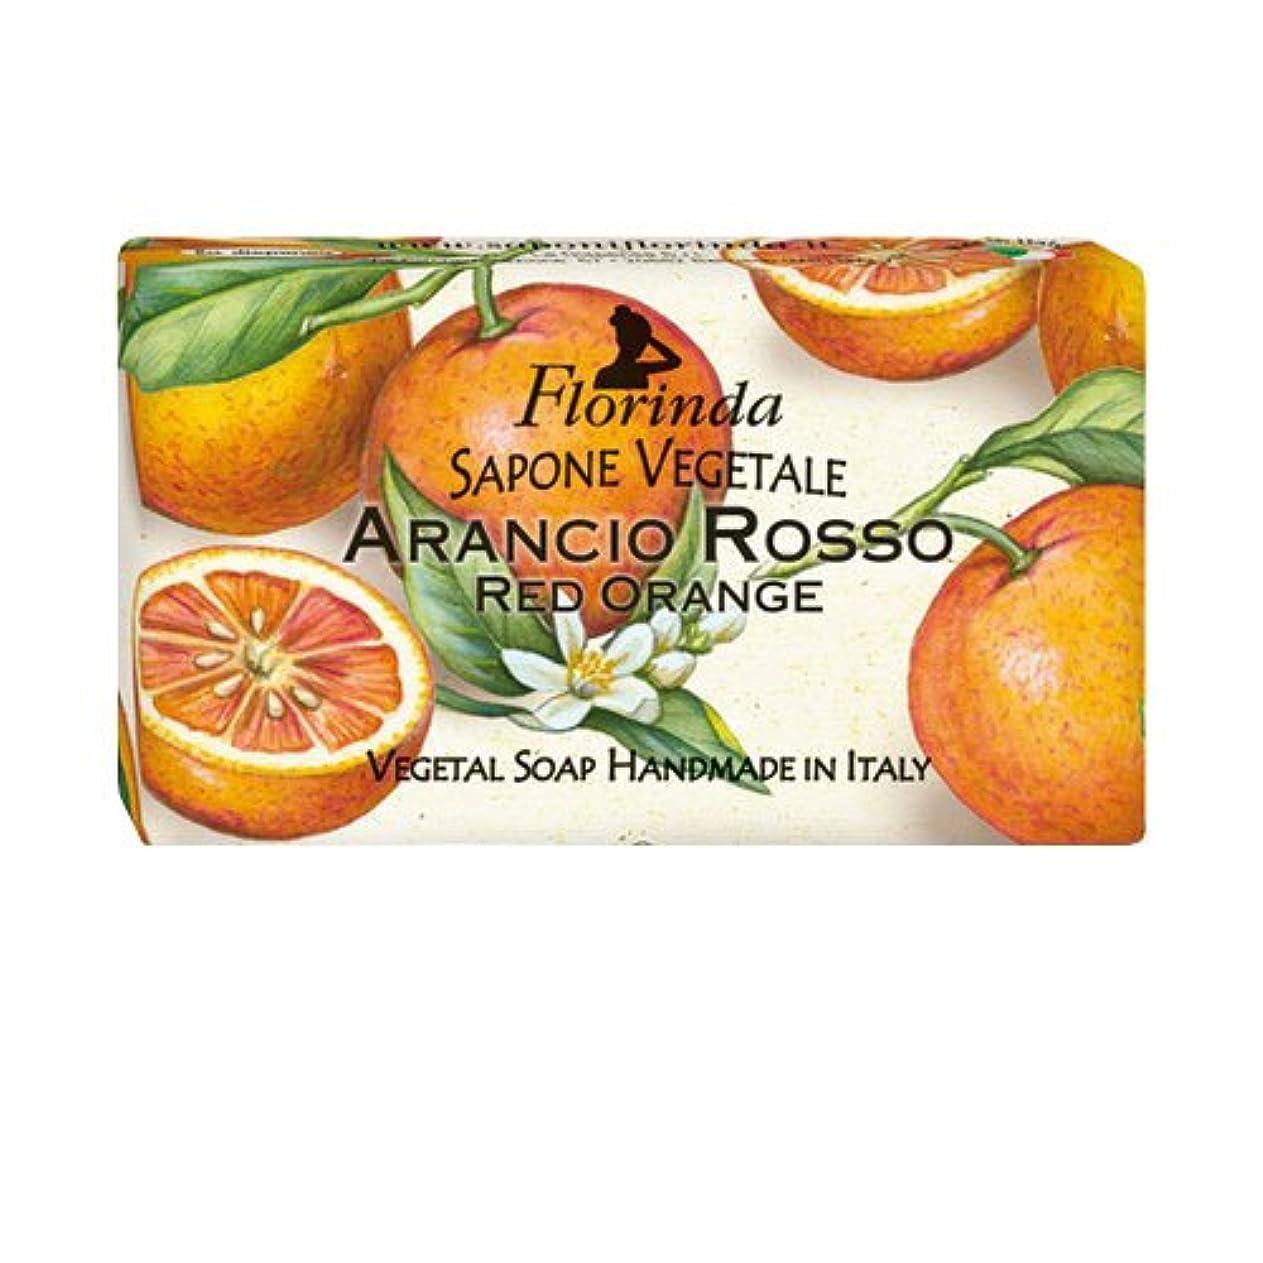 準備したナースサンドイッチフロリンダ フレグランスソープ フルーツ レッドオレンジ 95g